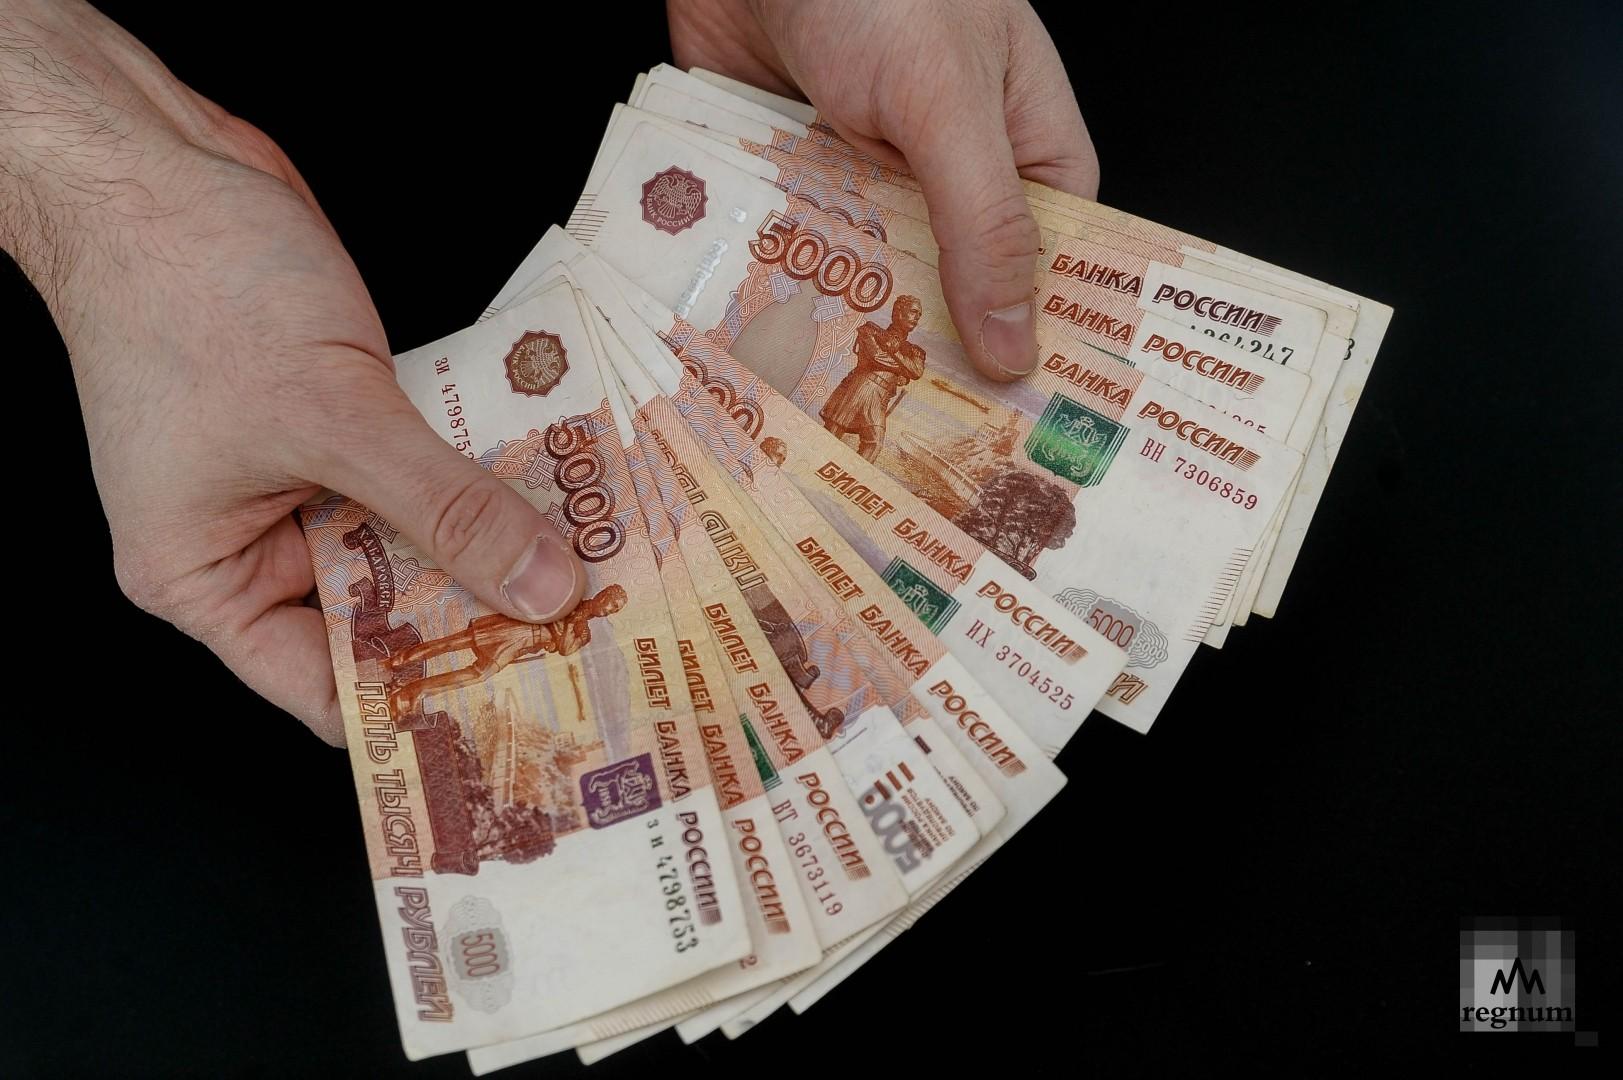 Правительство РФ выделило почти 62 млрд рублей на выплаты семьям